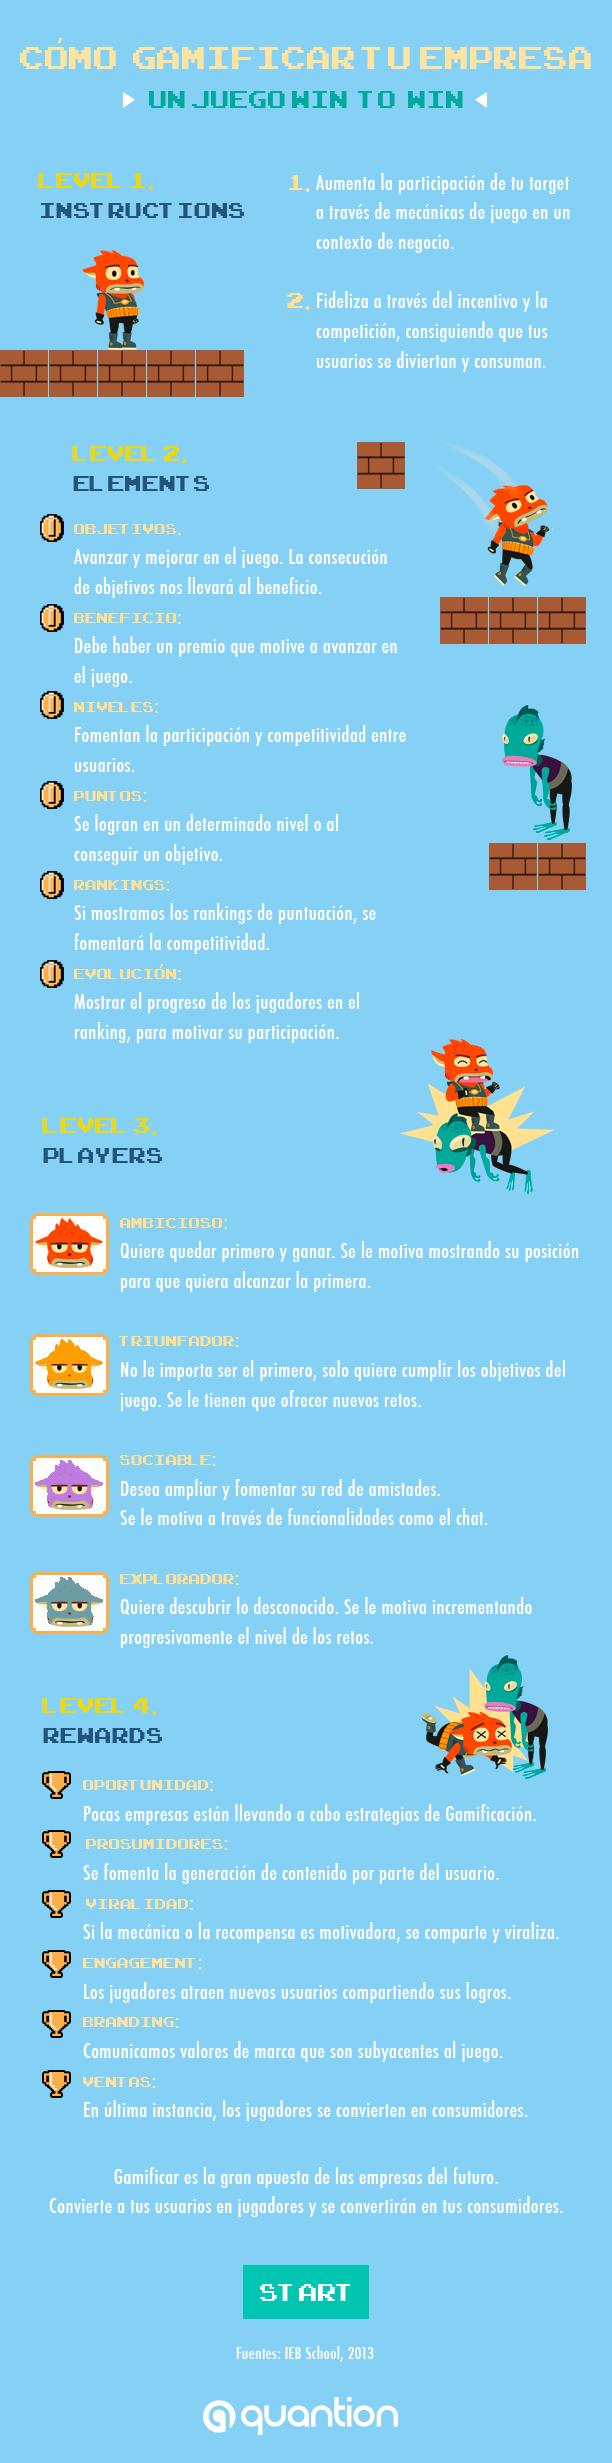 Gamificación para tu empresa #infografia #infographic #rrhh